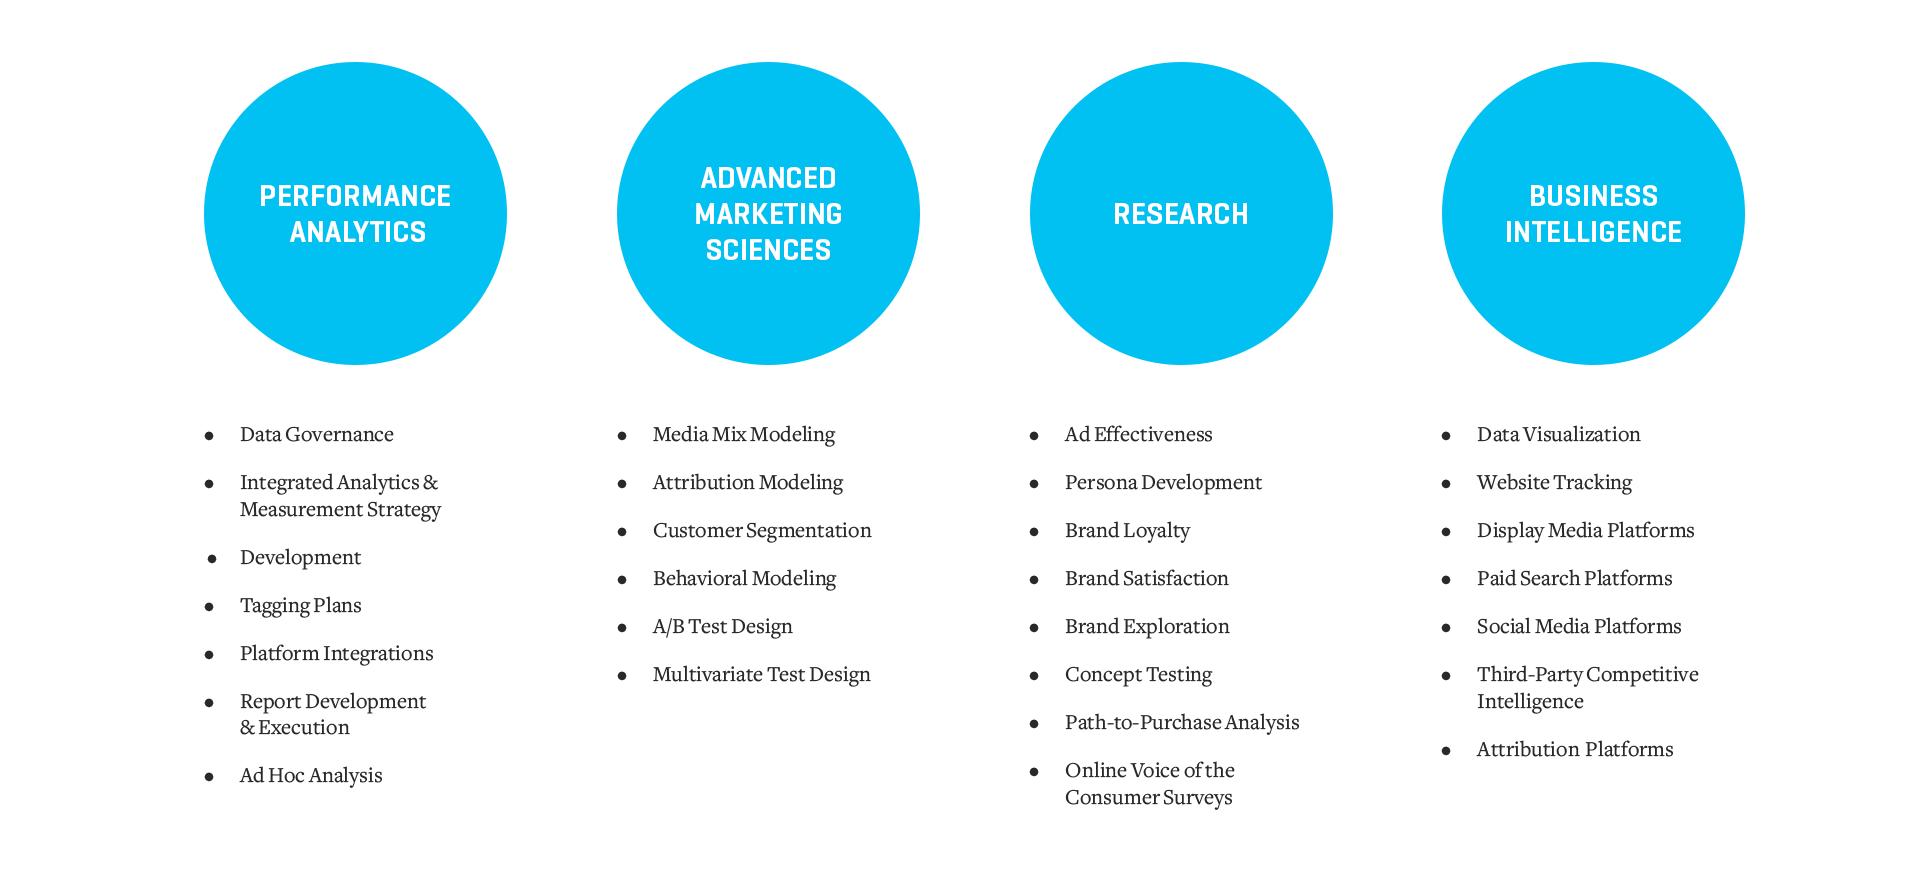 expertise_analytics_visual_01